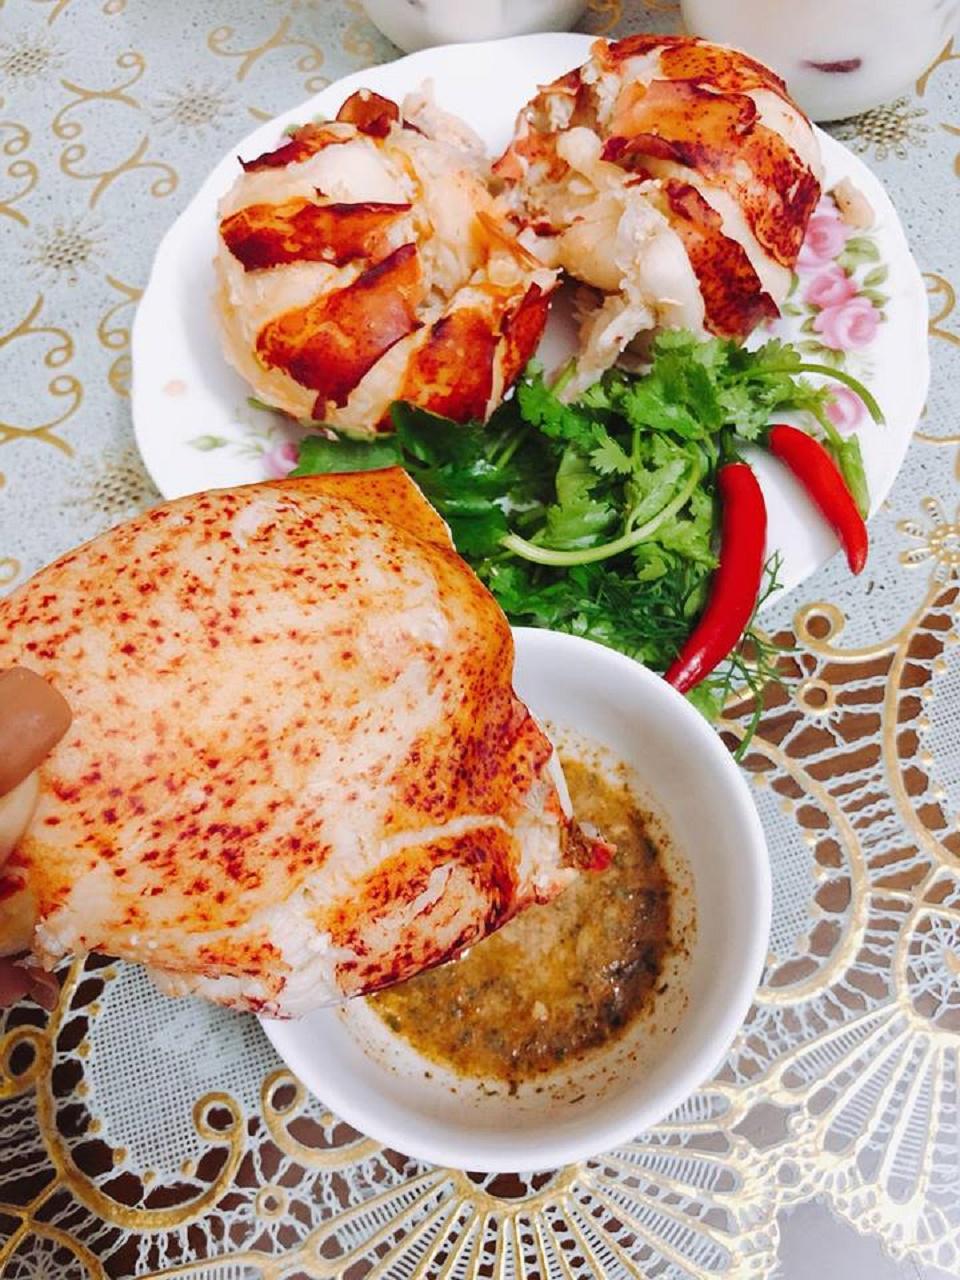 tôm hùm có nhiều gạch béo và giàu dinh dưỡng giúp bổ sung vitamin và các khoáng chất cần thiết tốt cho sức khỏe